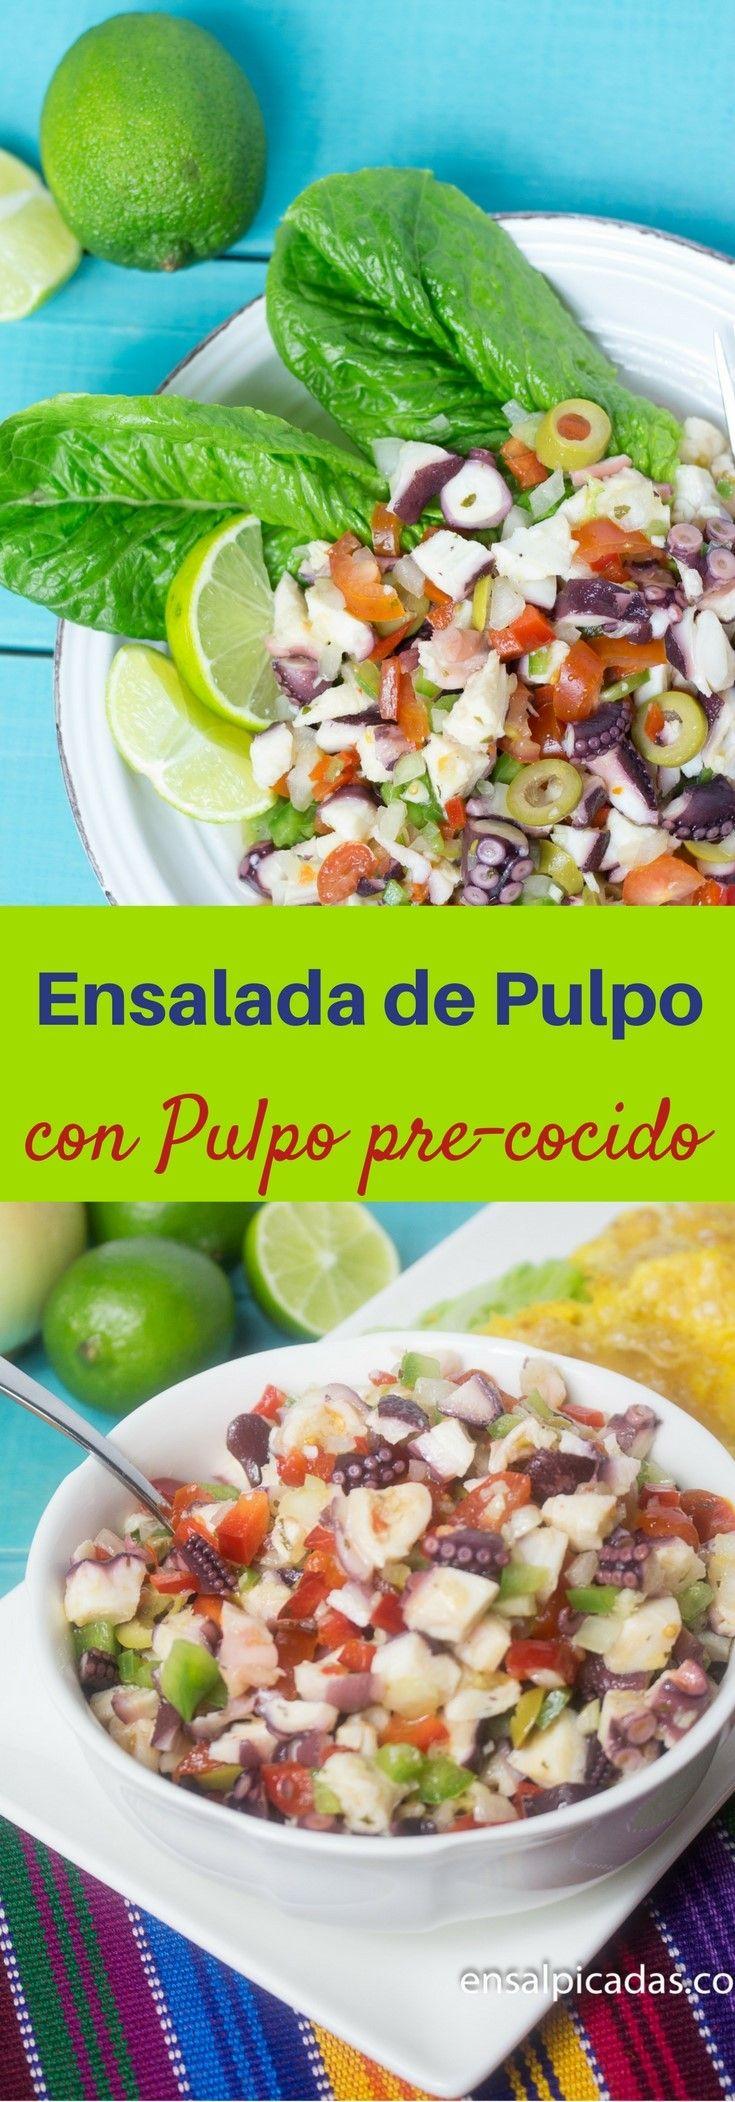 Esta Ensalada de Pulpo utiliza pulpo pre-cocido para que no tengas que pasar trabajo. Te doy mi recomendación de cuál marca utilizar. Es sabrosa. Receta de Ensalada de Pulpo de Puerto Rico.